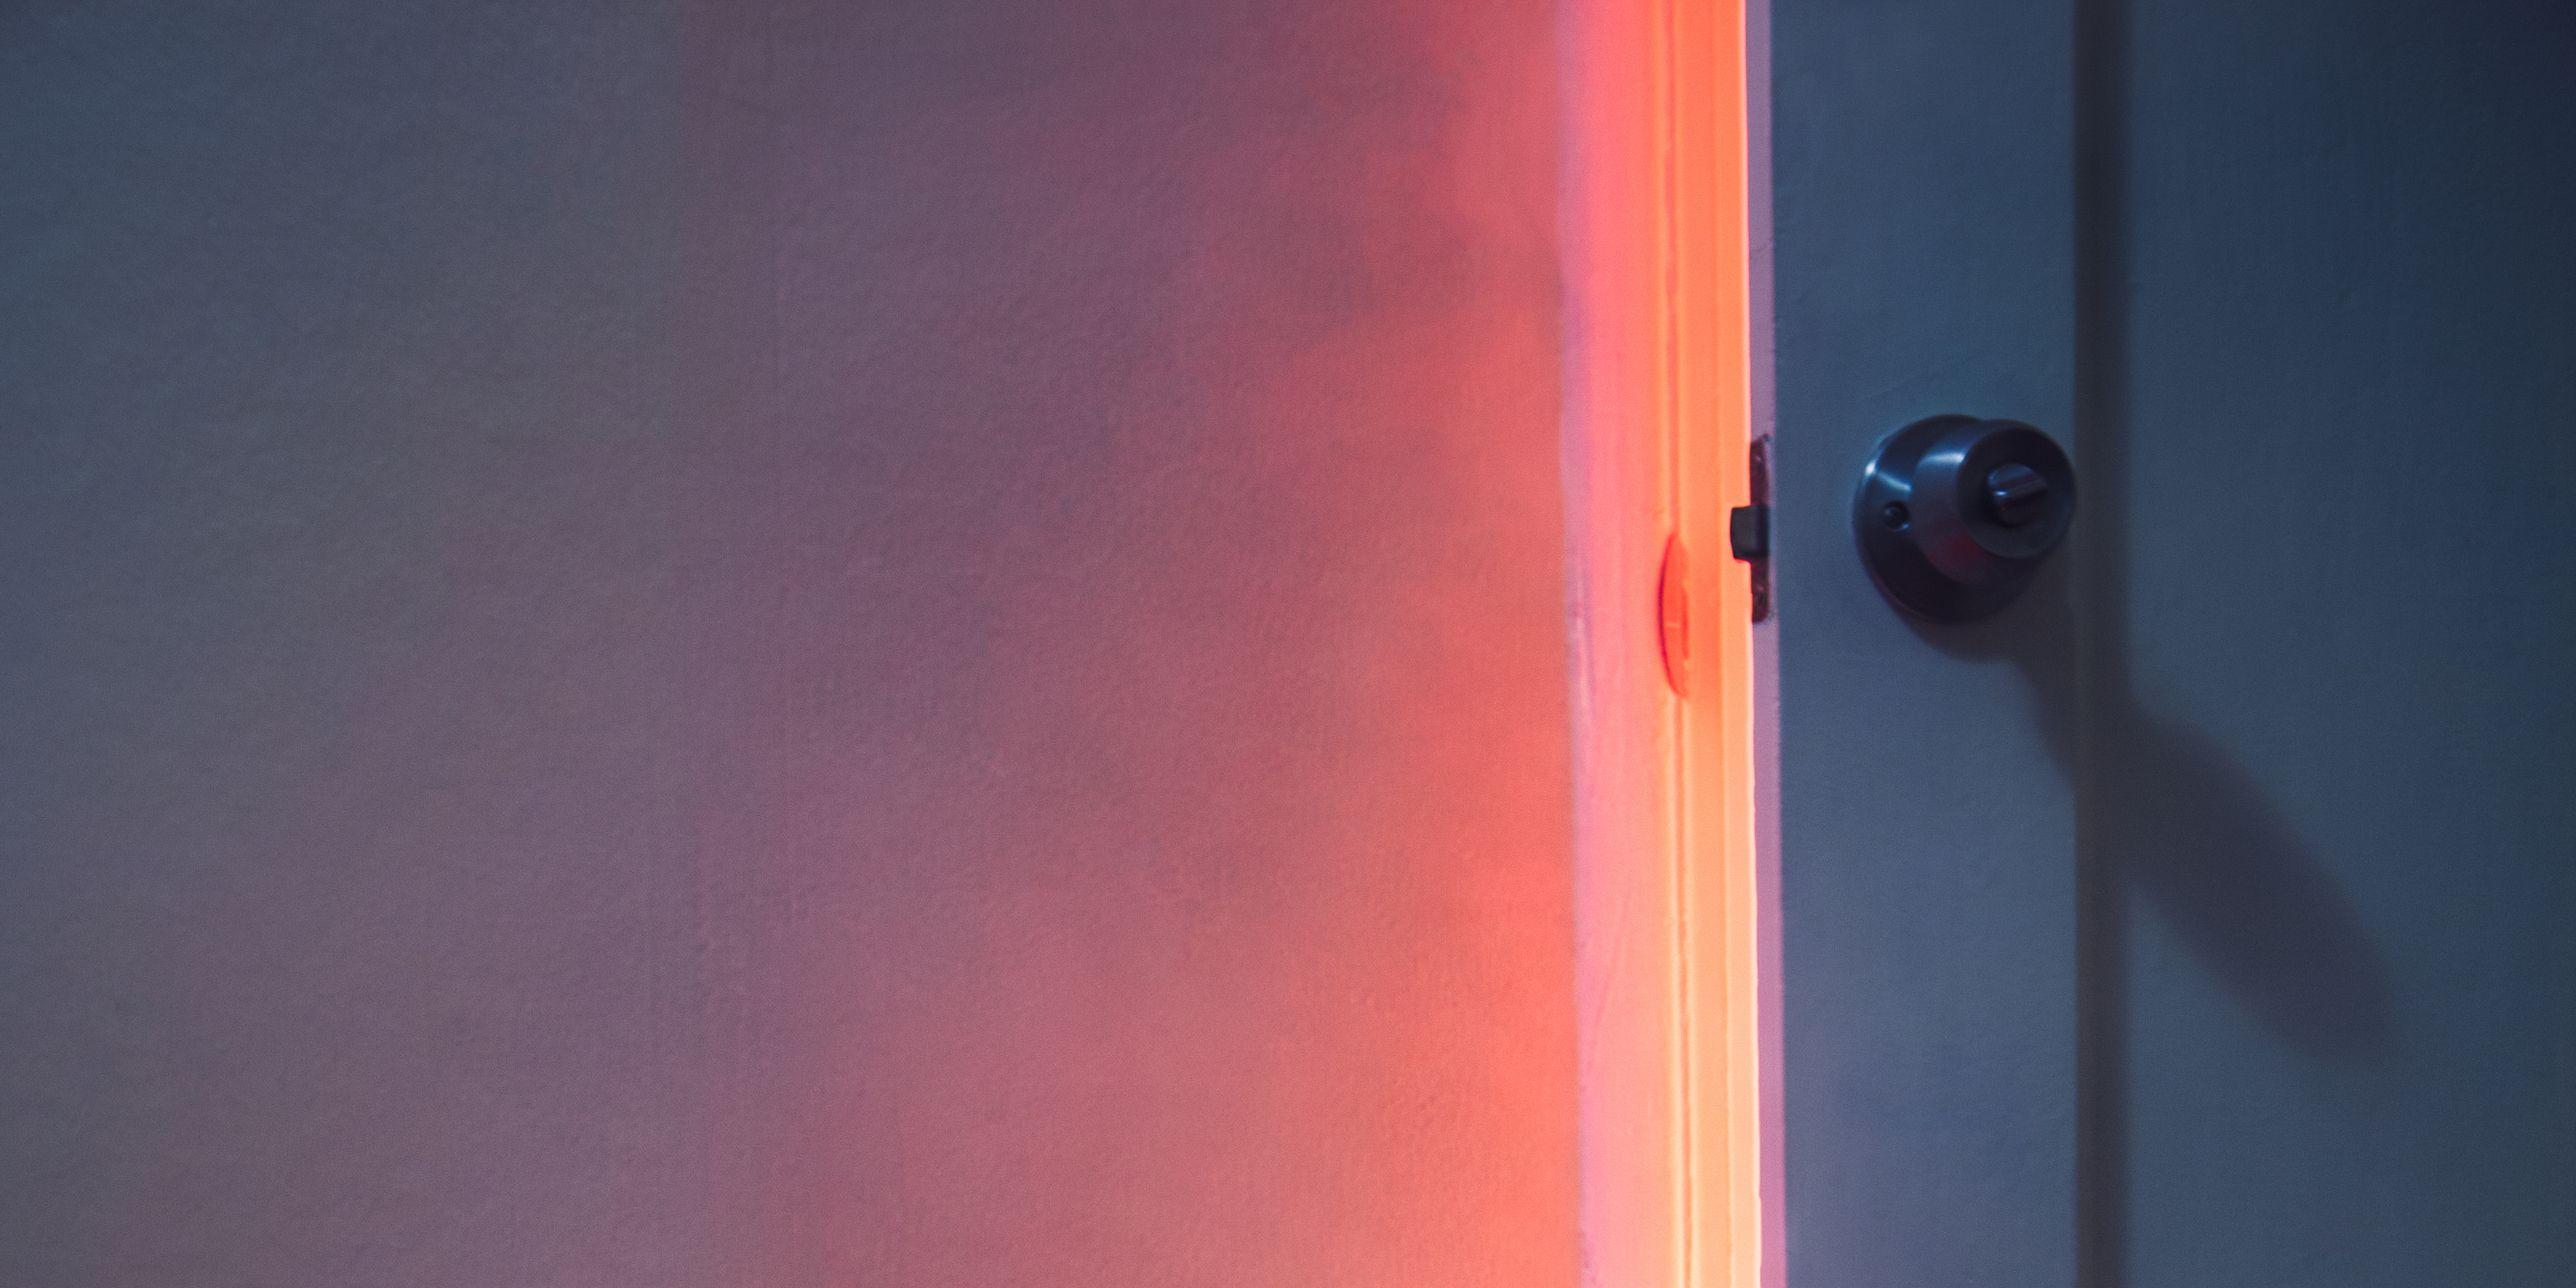 Fire Visible Through Bedroom Door